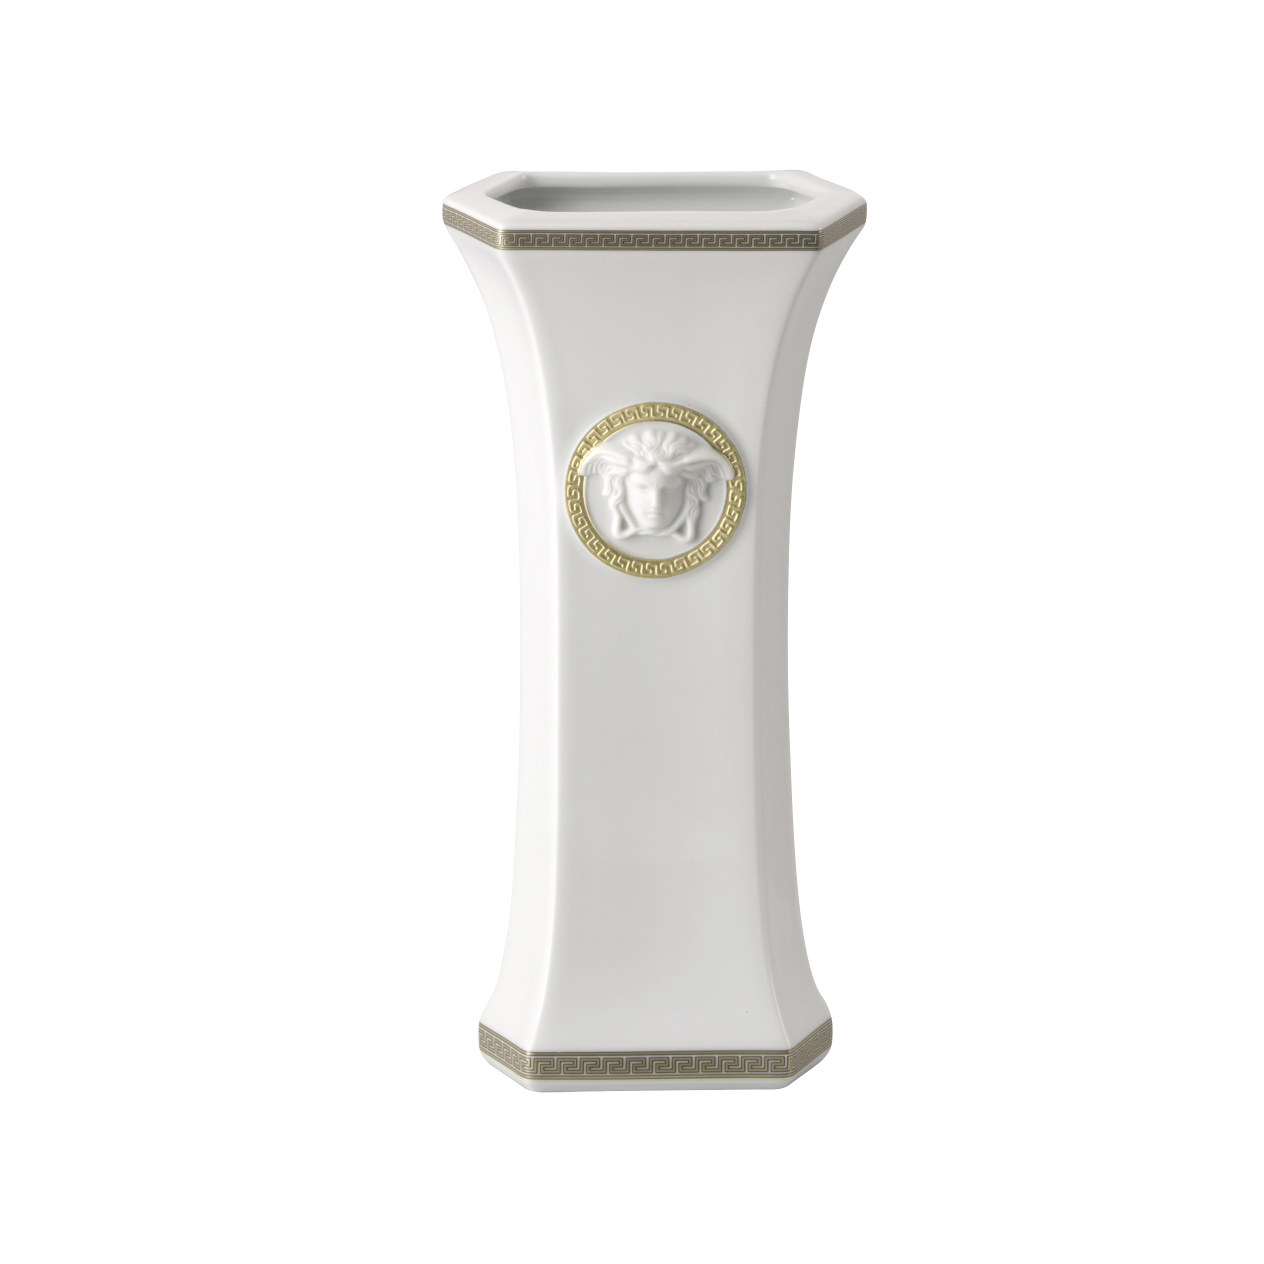 Vaso 26 cm Geschenkserie Gorgona